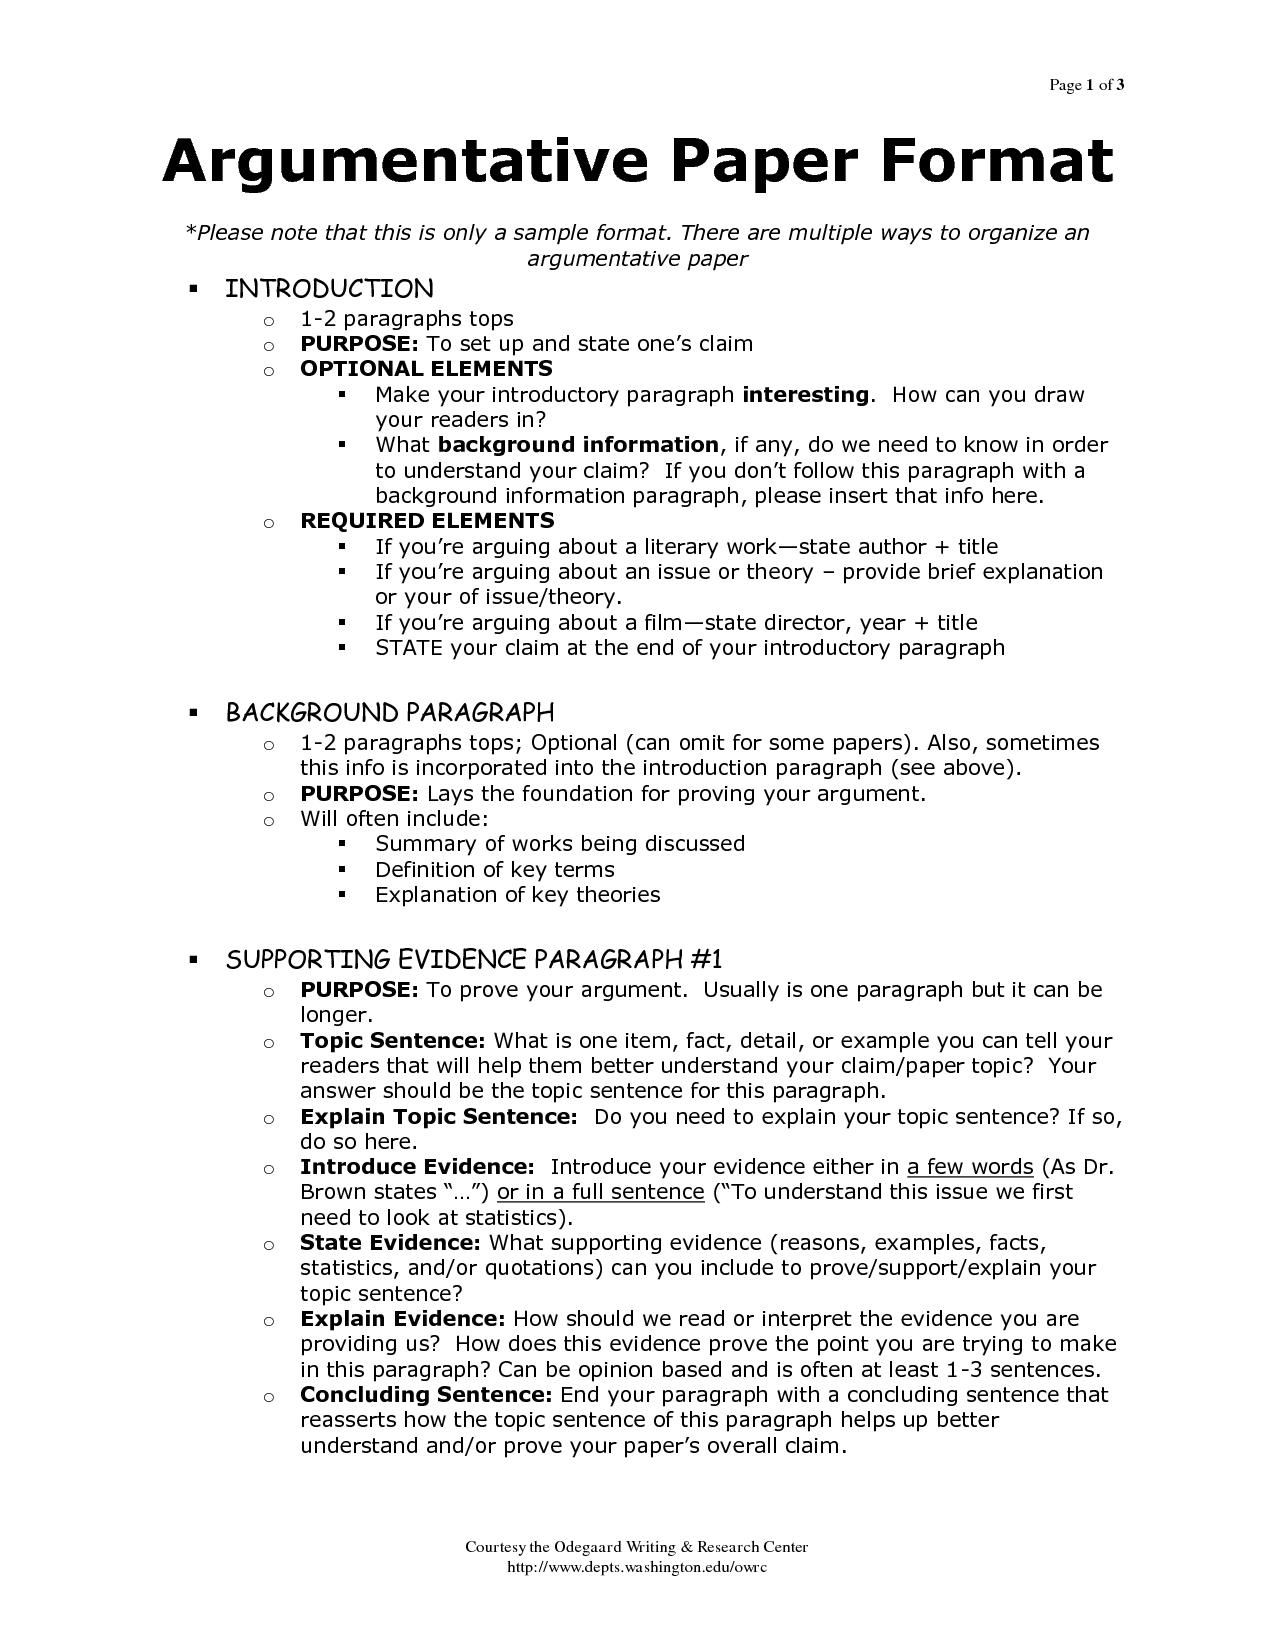 006 Sample Argumentative Essay Awful Outline Pdf Mla Format Grade 6 Full